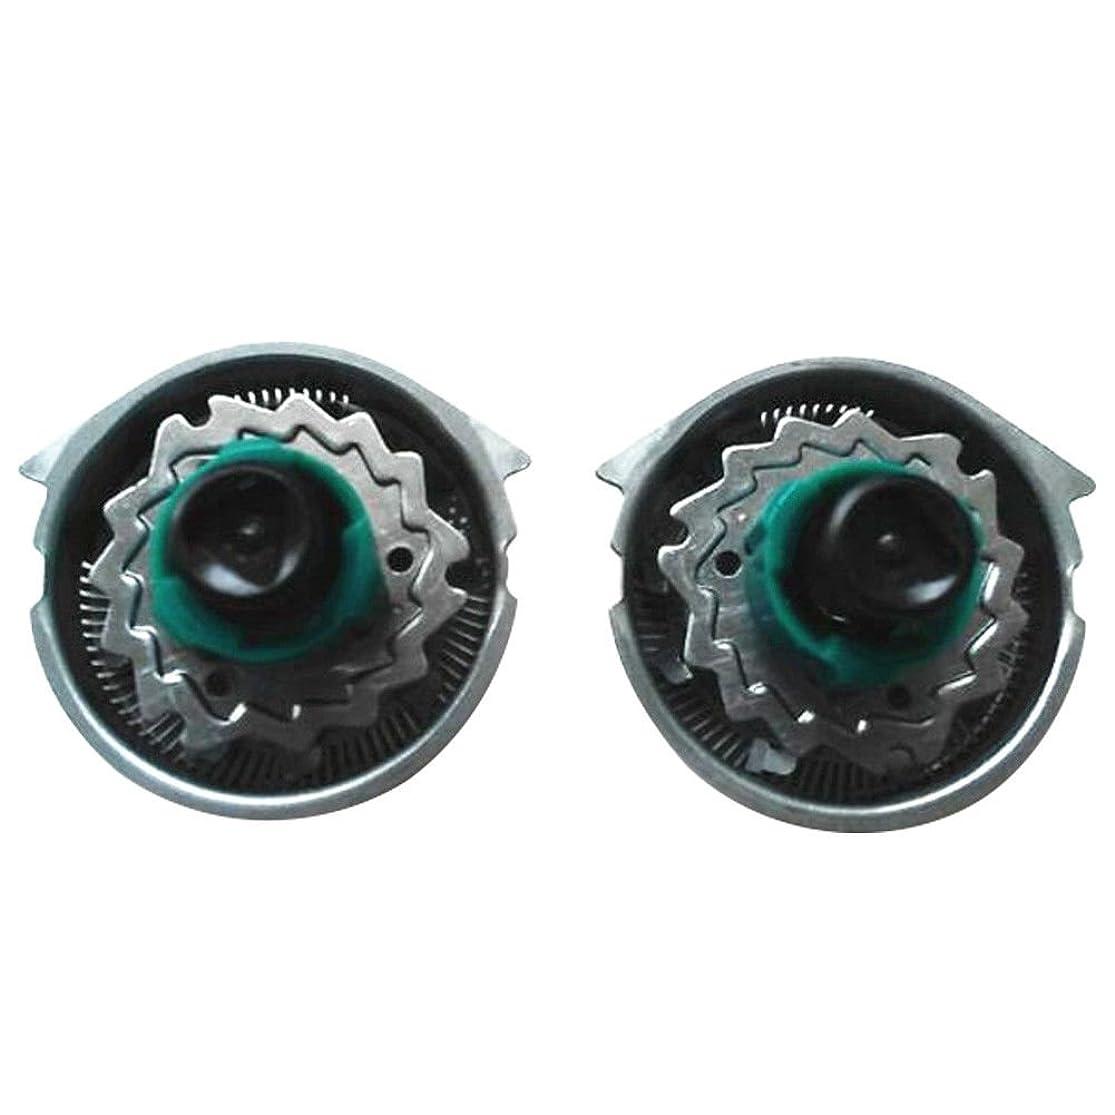 折り目ブル今晩Xinvision 置換 シェーバー 頭/カッター/キャリーバッグ/保護キャップ for Philips RQ1151 1195